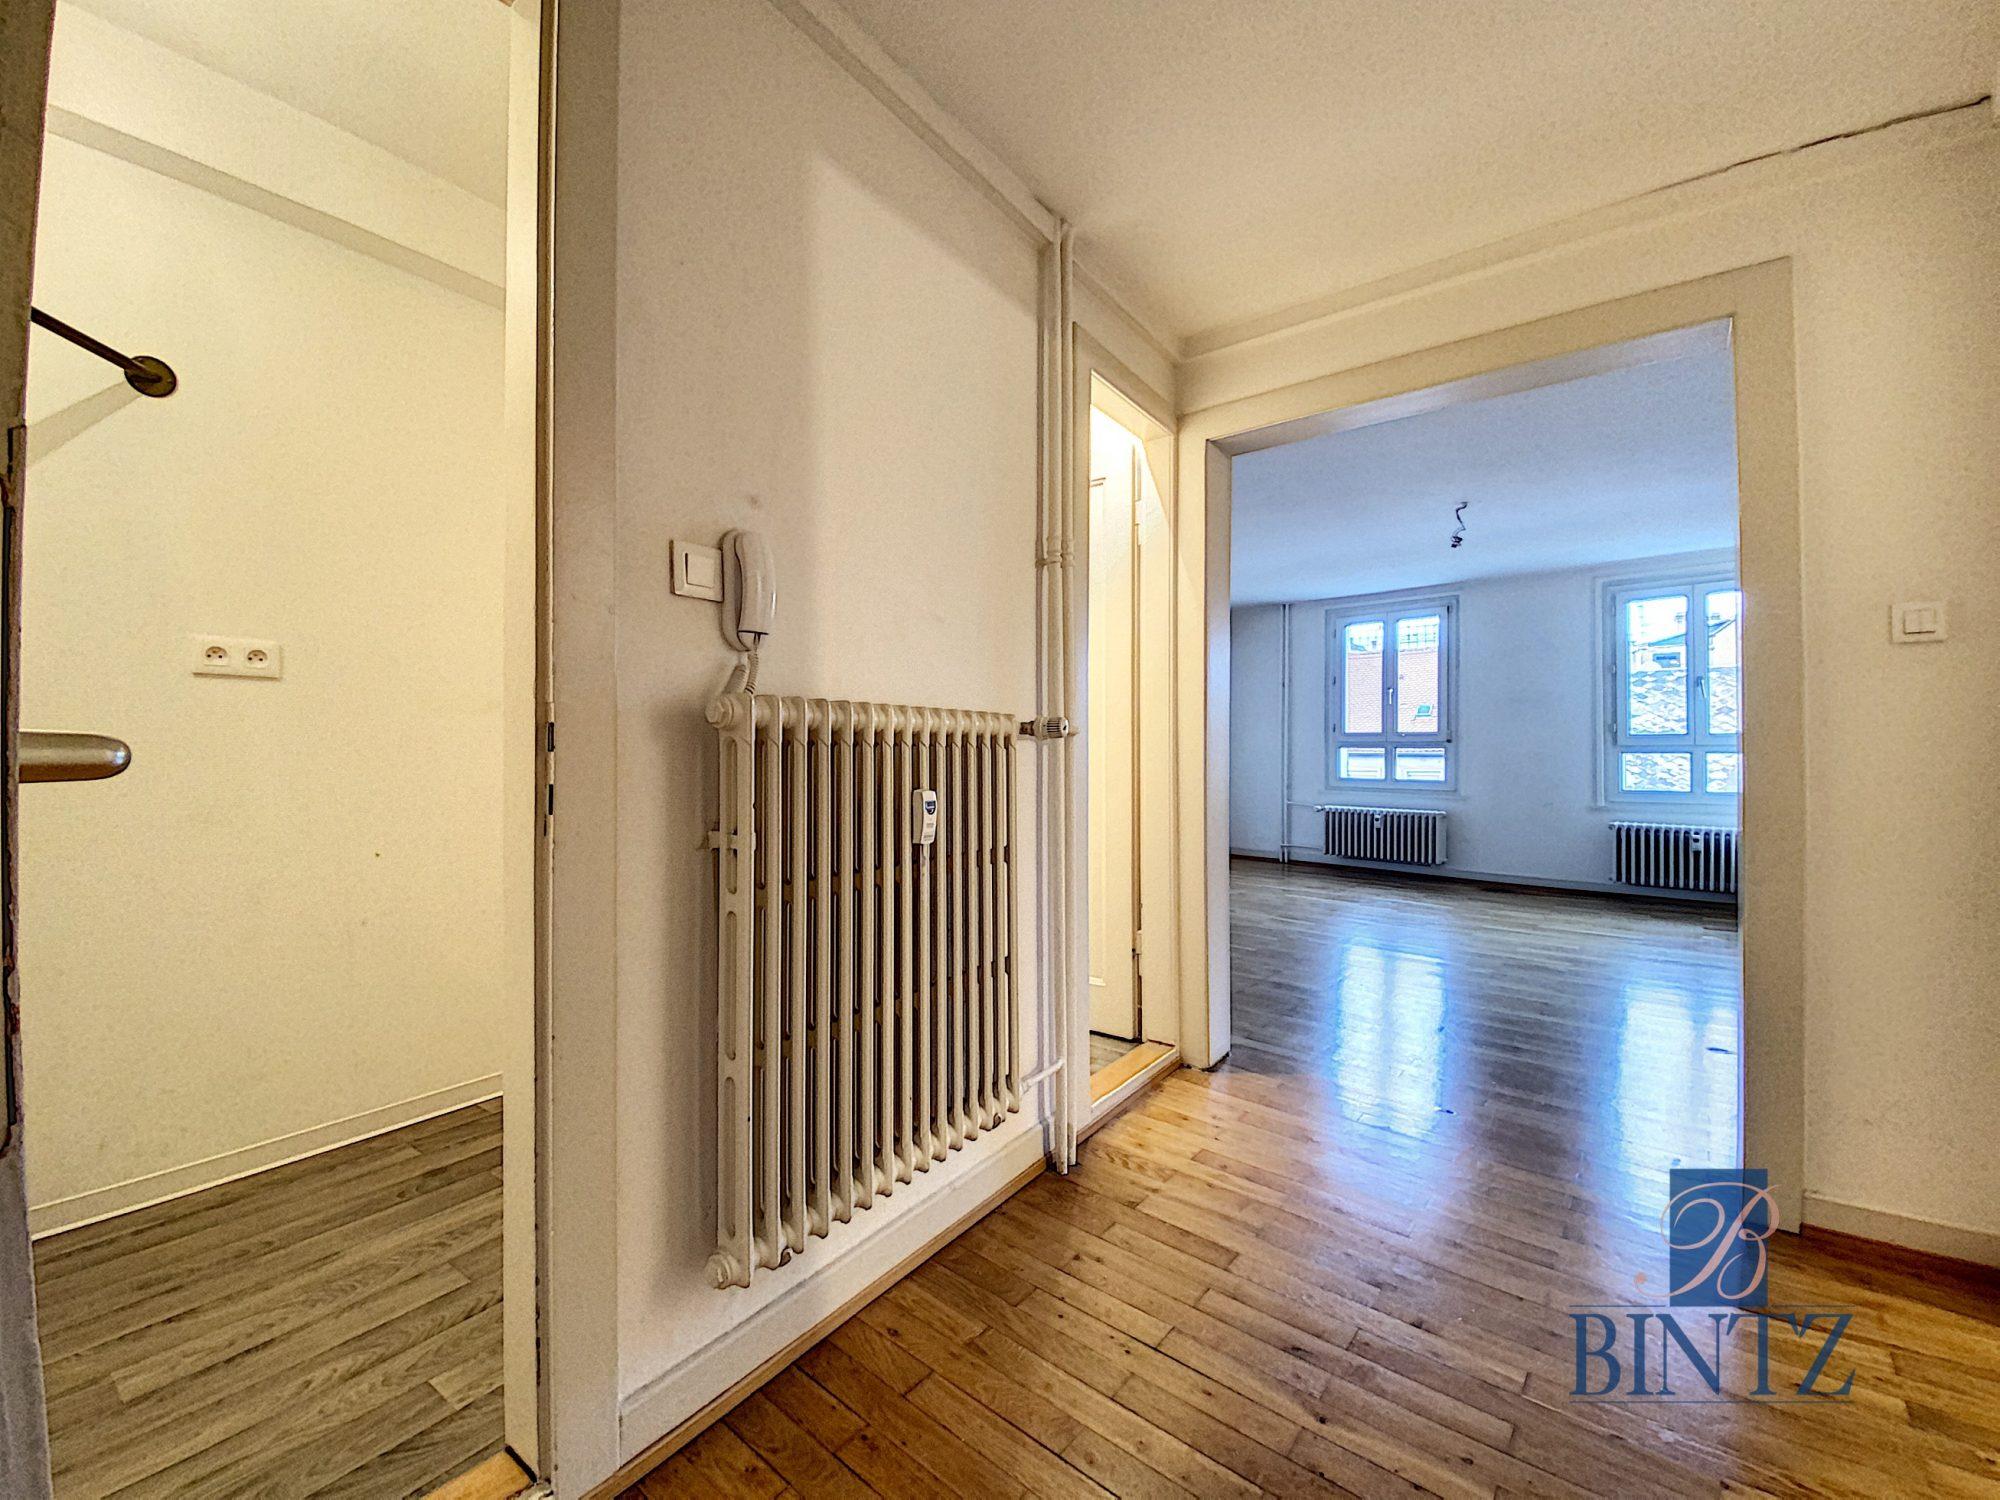 3 PIÈCES HYPERCENTRE - Devenez locataire en toute sérénité - Bintz Immobilier - 16